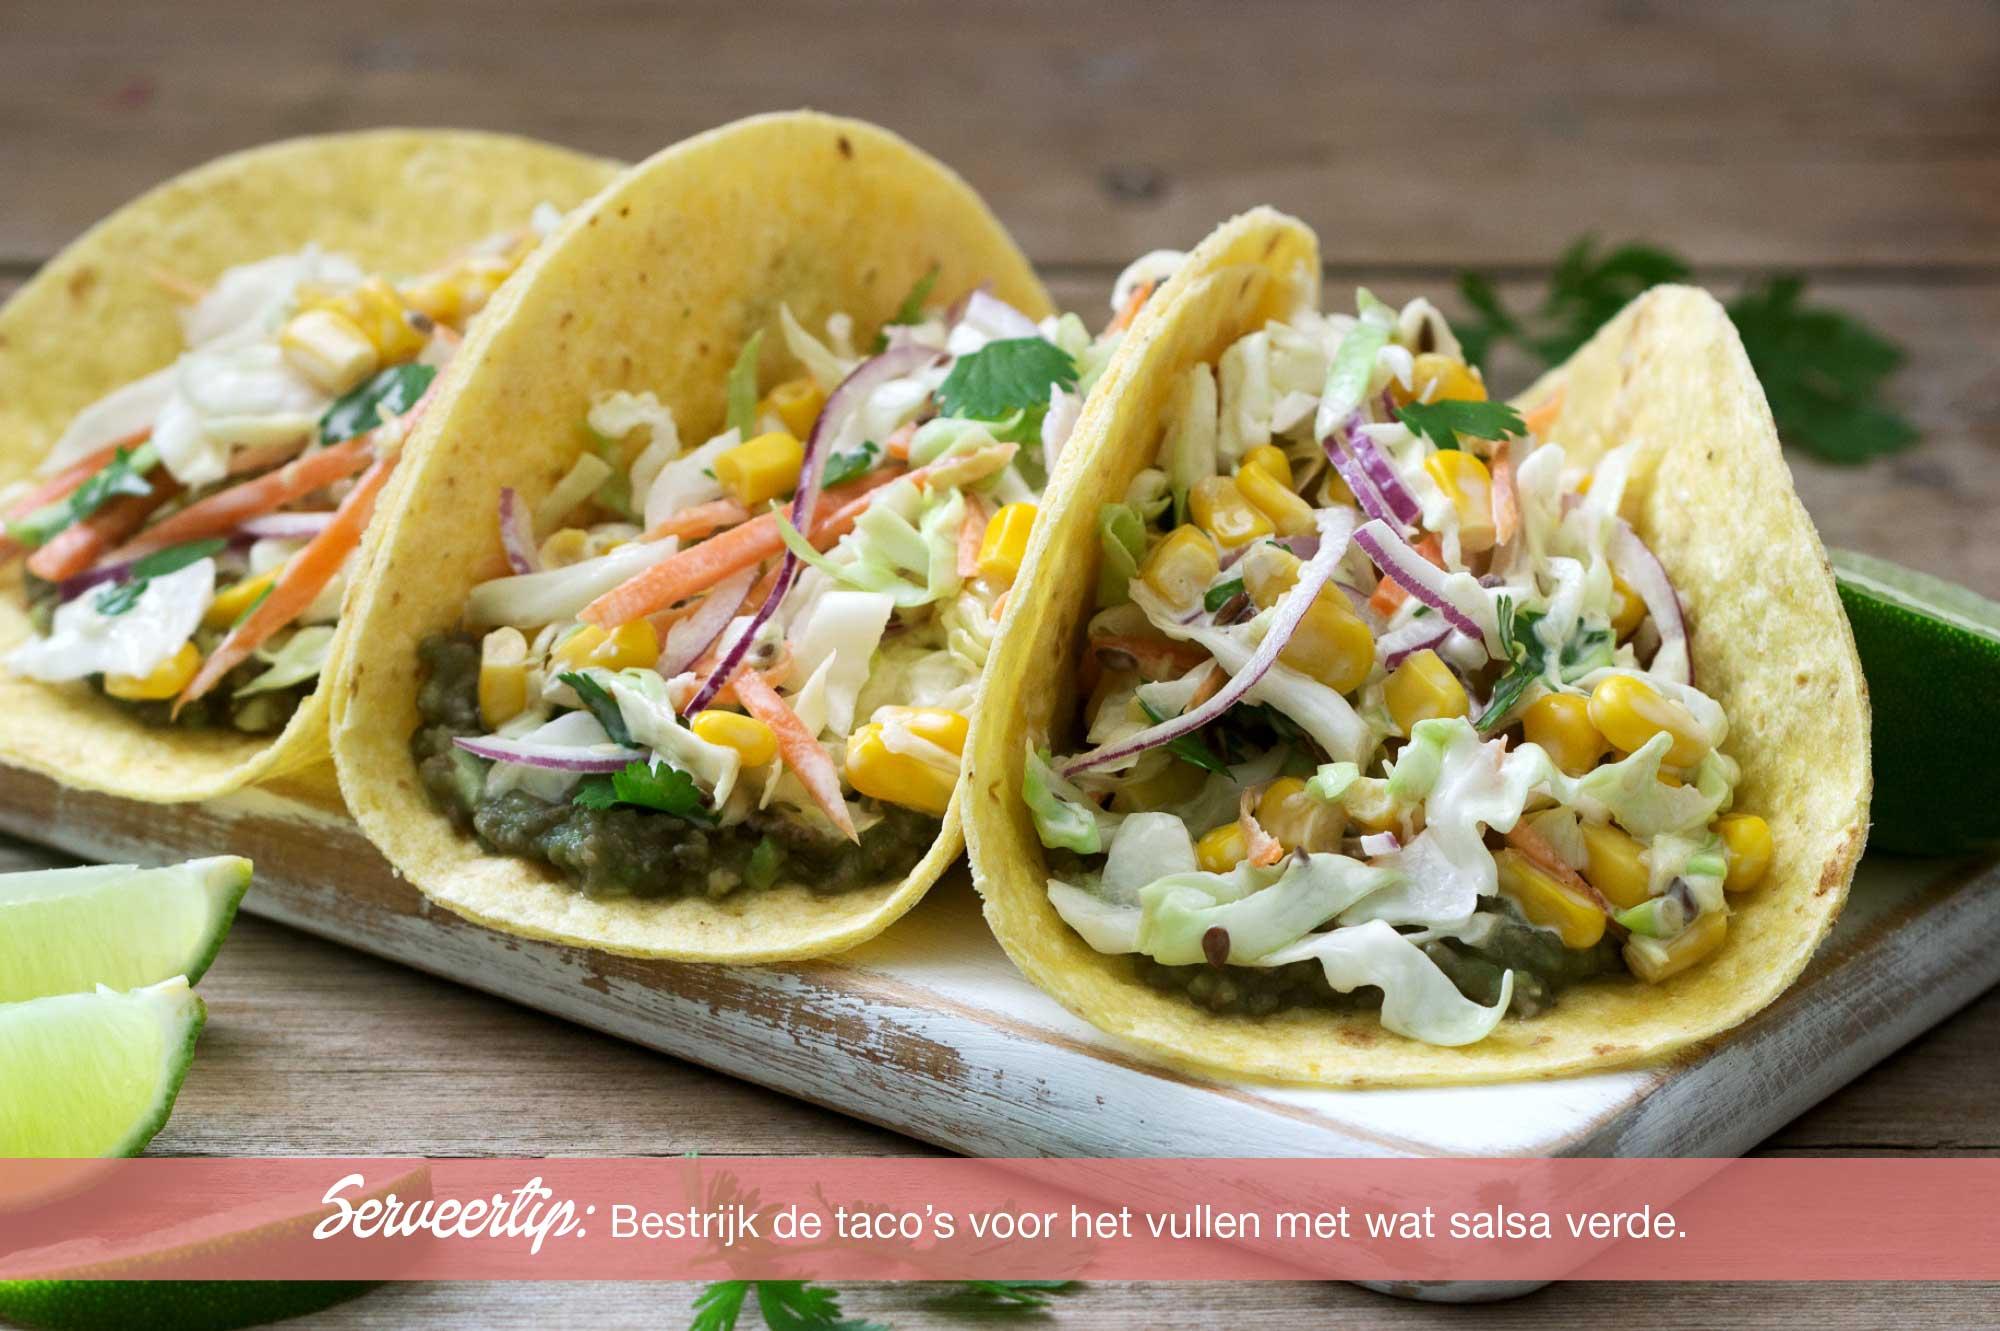 Recept biologische taco gevuld met mais wortel salade | Bedrijfscatering | De Groene Artisanen